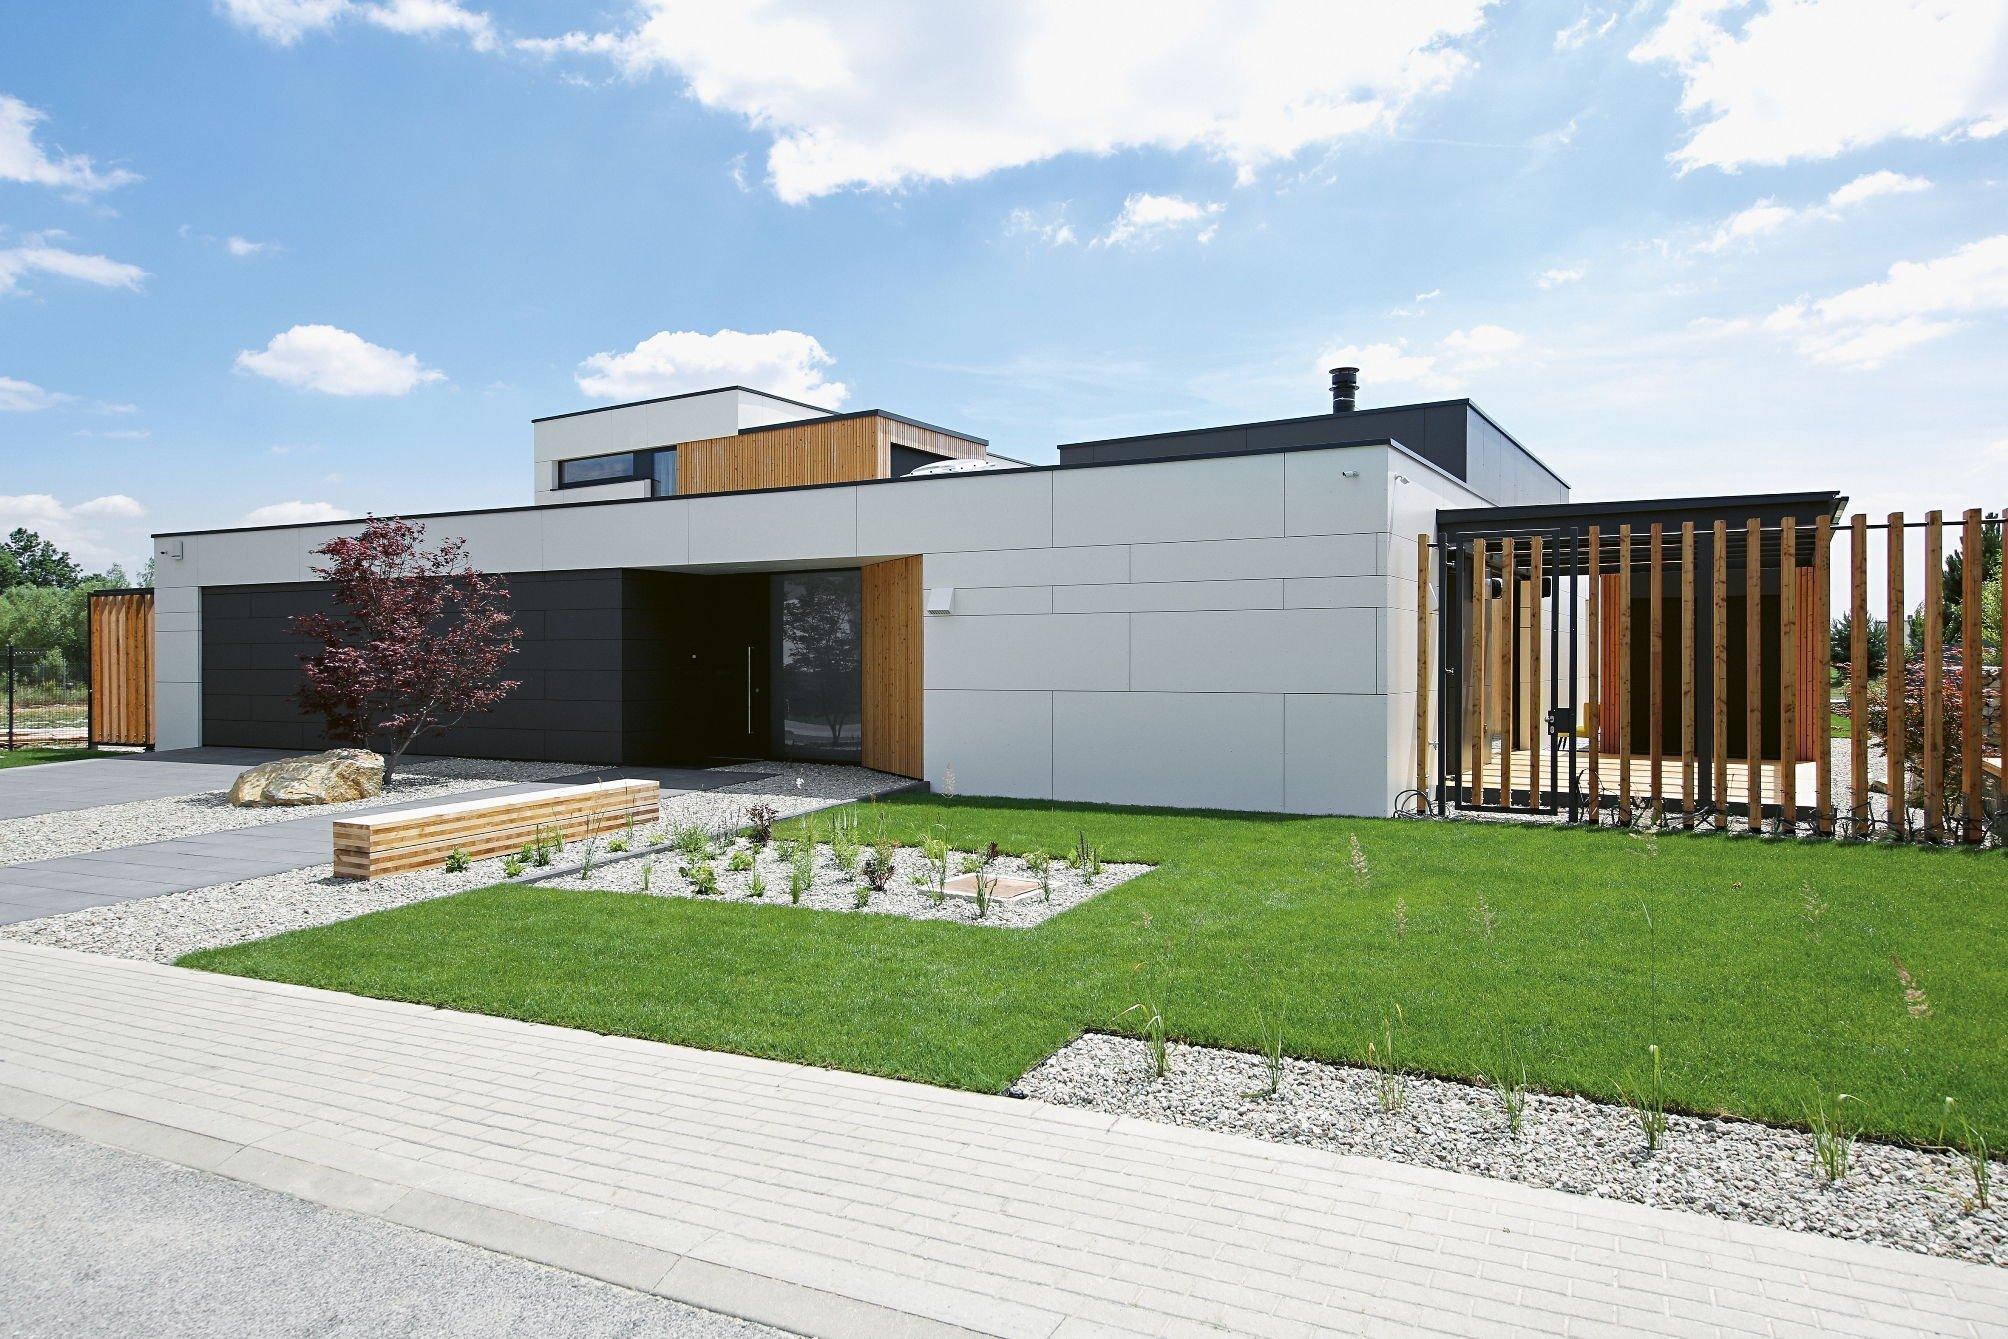 Rodinný dům s výhledem na golfové hřiště zaujme na první pohled svou střídmostí vnějšího architektonického výrazu, zároveň však dává tušit preciznost a luxus celého konceptu. Ačkoliv se na první pohled odlišuje od ostatních domů v okolí, současně své okolí i charakter rozvolněné zástavby respektuje.